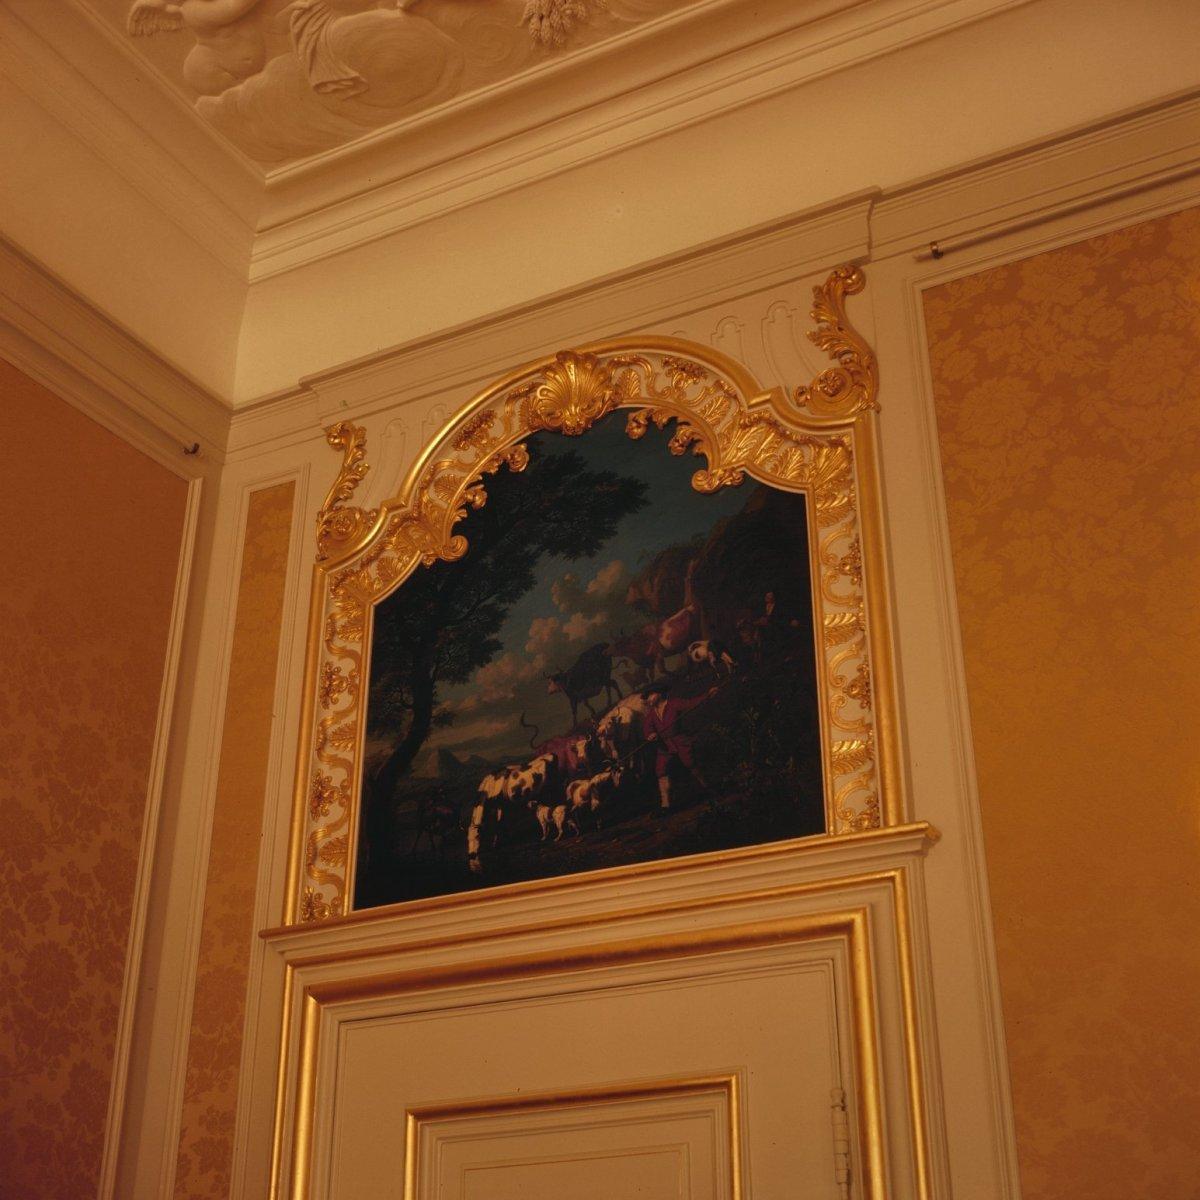 Description Interieur, woonkamer op de eerste verdieping, schilderwerk ...